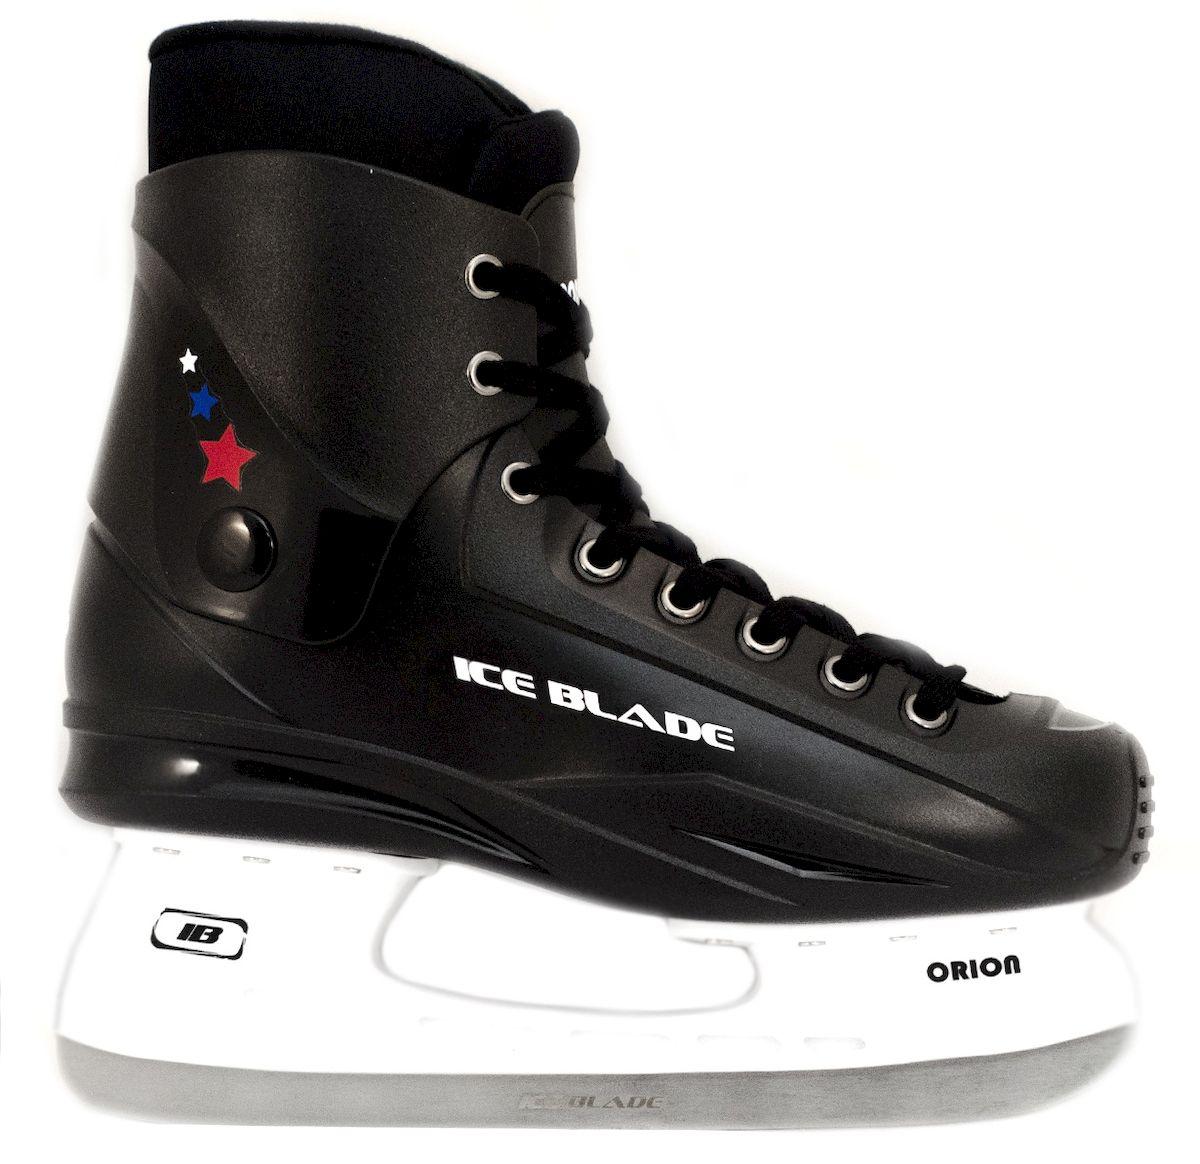 Коньки хоккейные Ice Blade Orion, цвет: черный. УТ-00004984. Размер 38Atemi Force 3.0 2012 Black-GrayКоньки хоккейные Ice Blade Orion - это хоккейные коньки для любых возрастов. Конструкция прекрасно защищает стопу, очень комфортна для активного катания, а также позволяет играть в хоккей. Легкий ботинок очень комфортный как для простого катания на льду, так и для любительского хоккея. Ботинок выполнен из высококачественного морозостойкого пластика и нейлоновой сетки. Внутренний сапожок утеплен мягким и дышащим вельветом, а язычок усилен специальной вставкой для большей безопасности стопы. Лезвие изготовлено из высокоуглеродистой стали, что гарантирует прочность и долговечность.Удобная система фиксации ноги и улучшенная колодка сделают катание комфортным и безопасным.